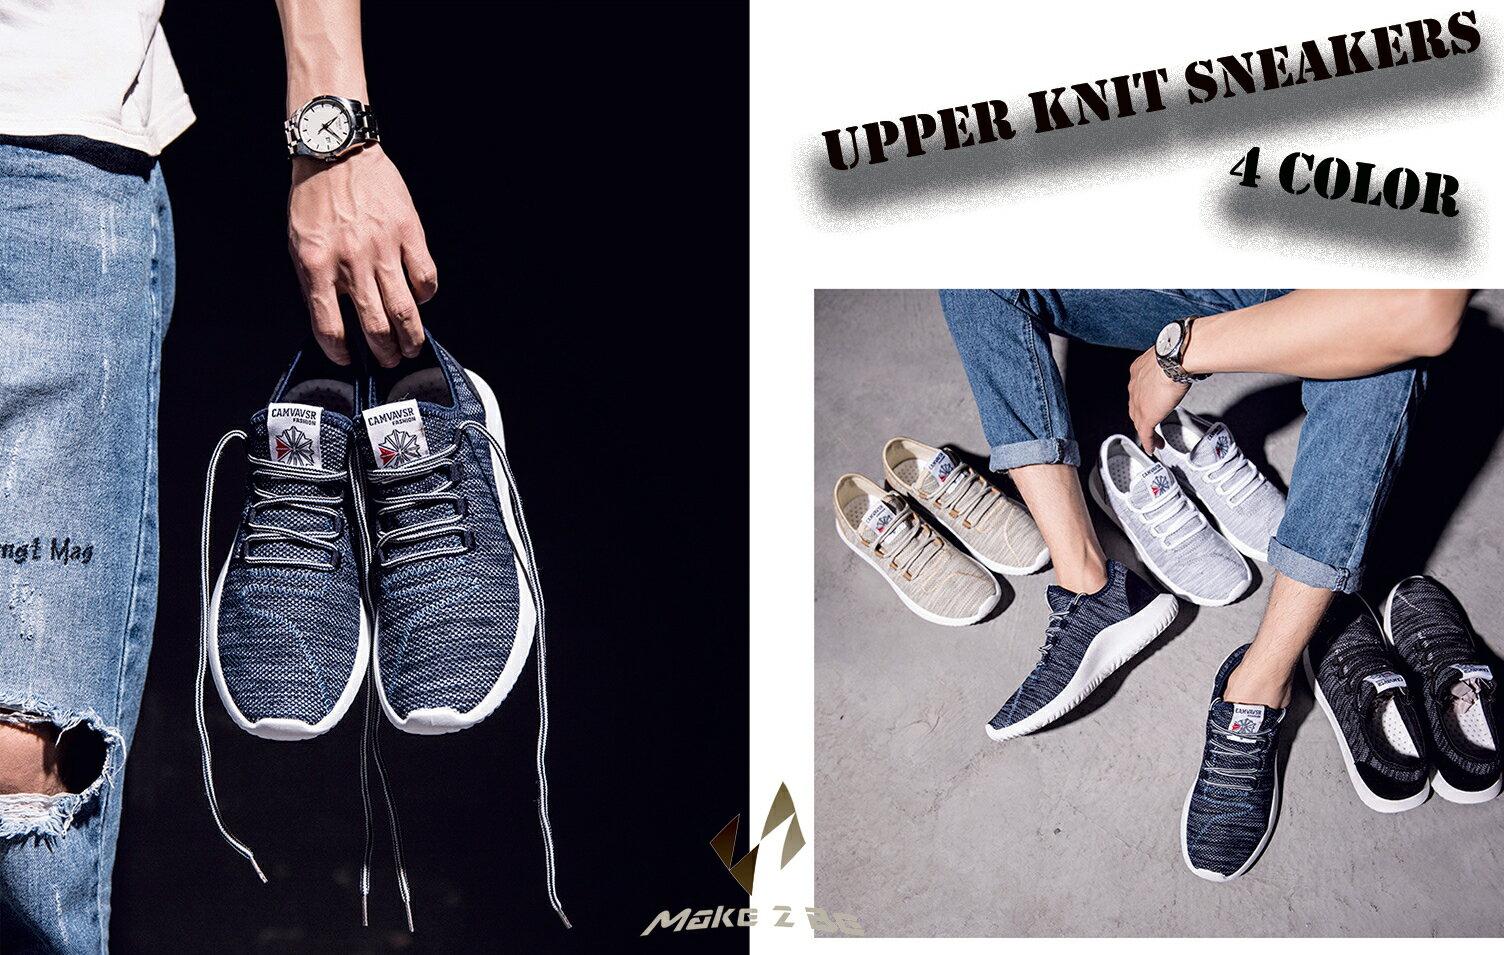 【送料無料】メンズ アッパーニット スニーカー フィット 軽量 靴 シューズ 通気性 ランニング ジョギング シューズ ウォーキング アウトドア MF55